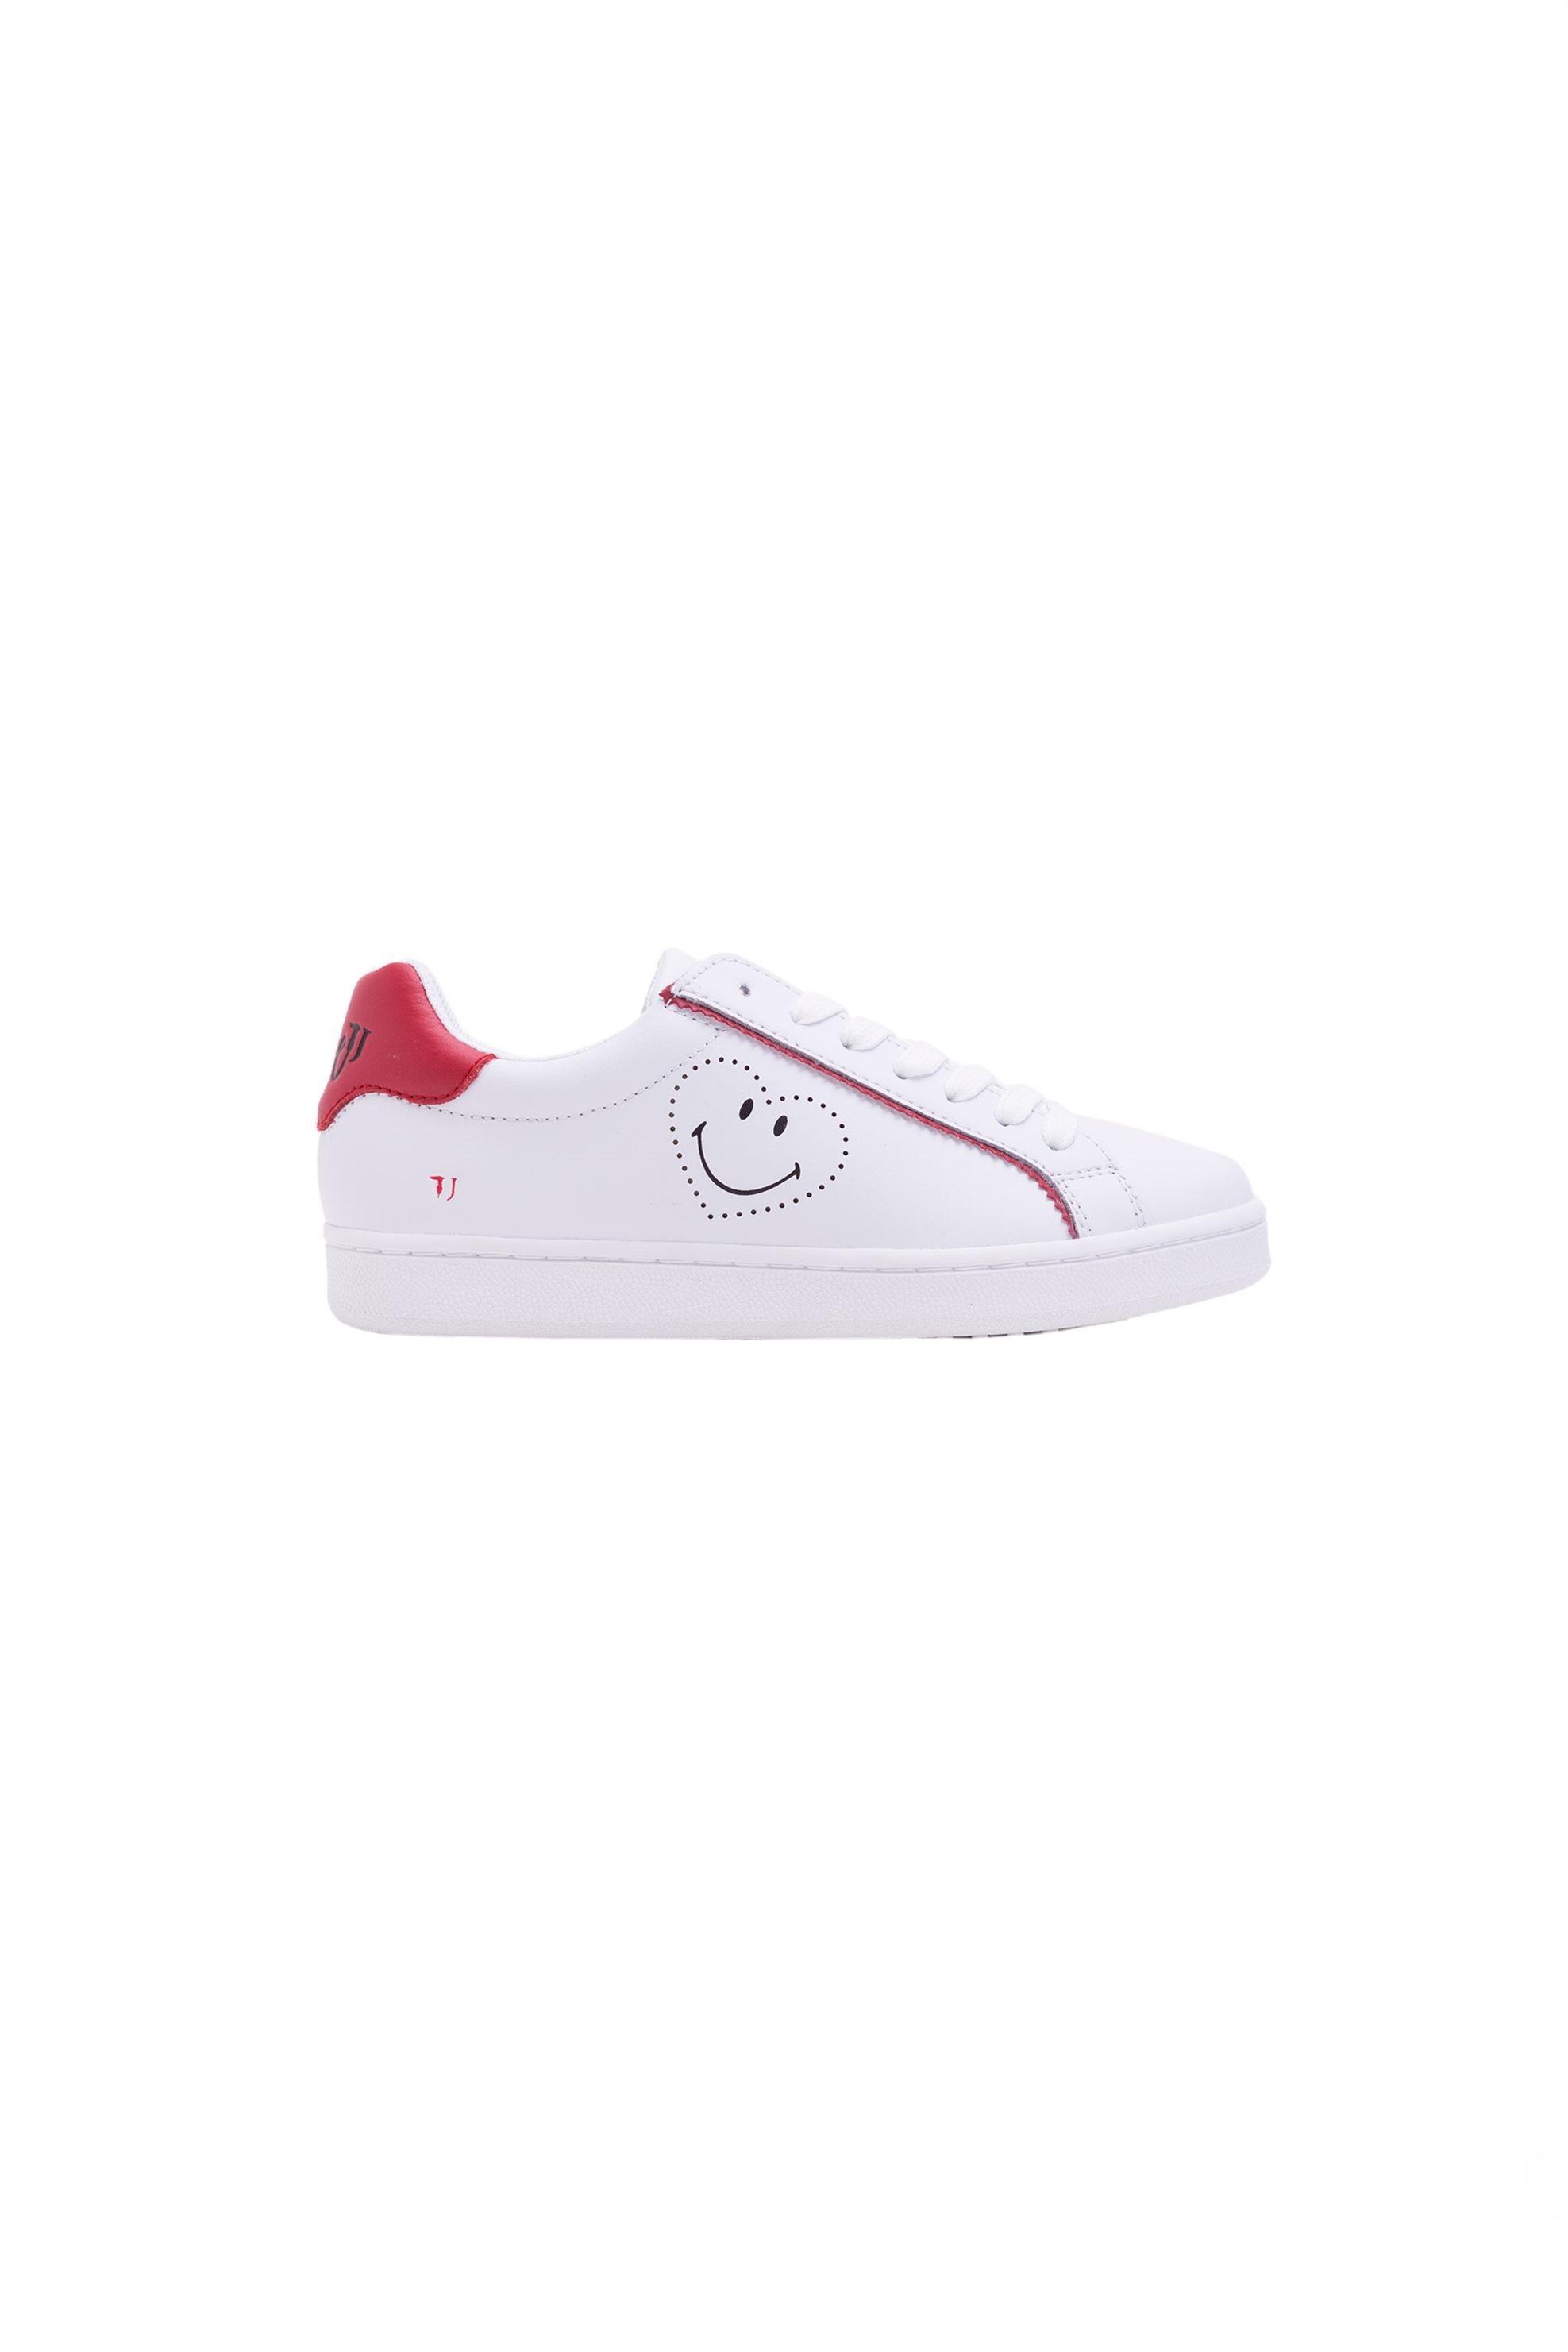 Γυναικεία παπούτσια Τrussardi – 79A00133-9Y099999 – Κόκκινο